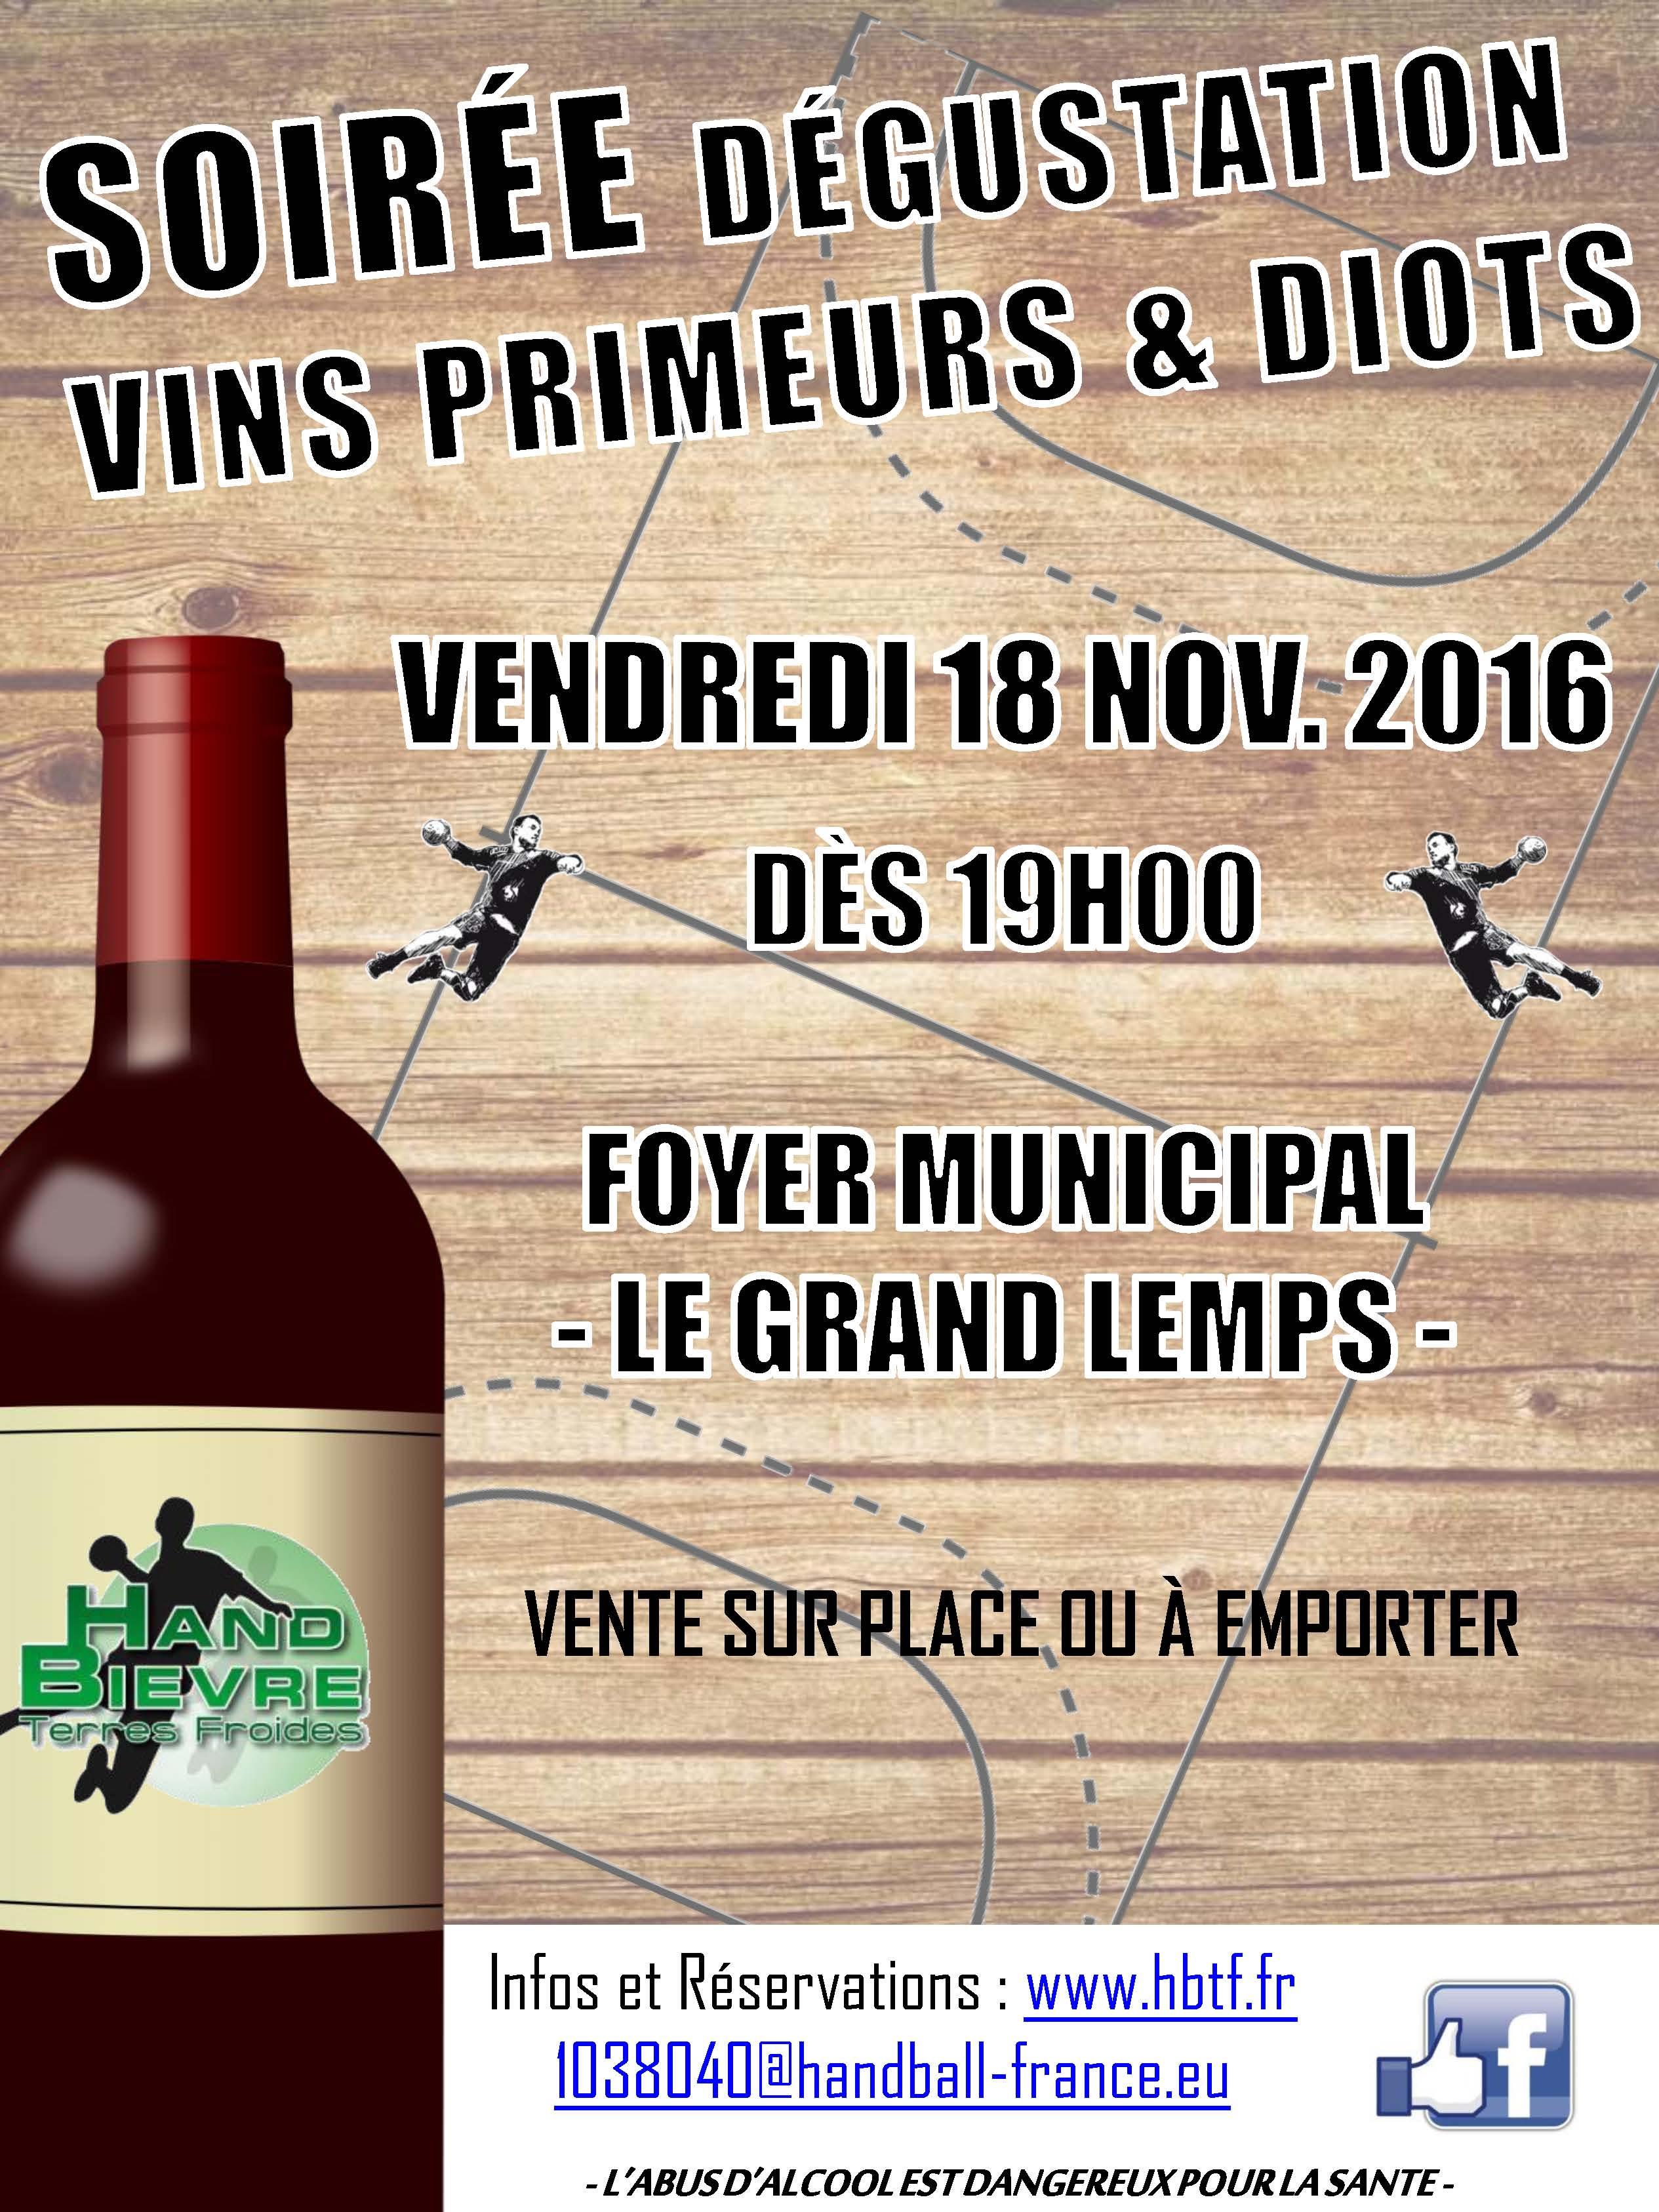 La soirée Primeurs et Diots 2016 - Hand Bievre Terres Froides - Club de Handball en Isère